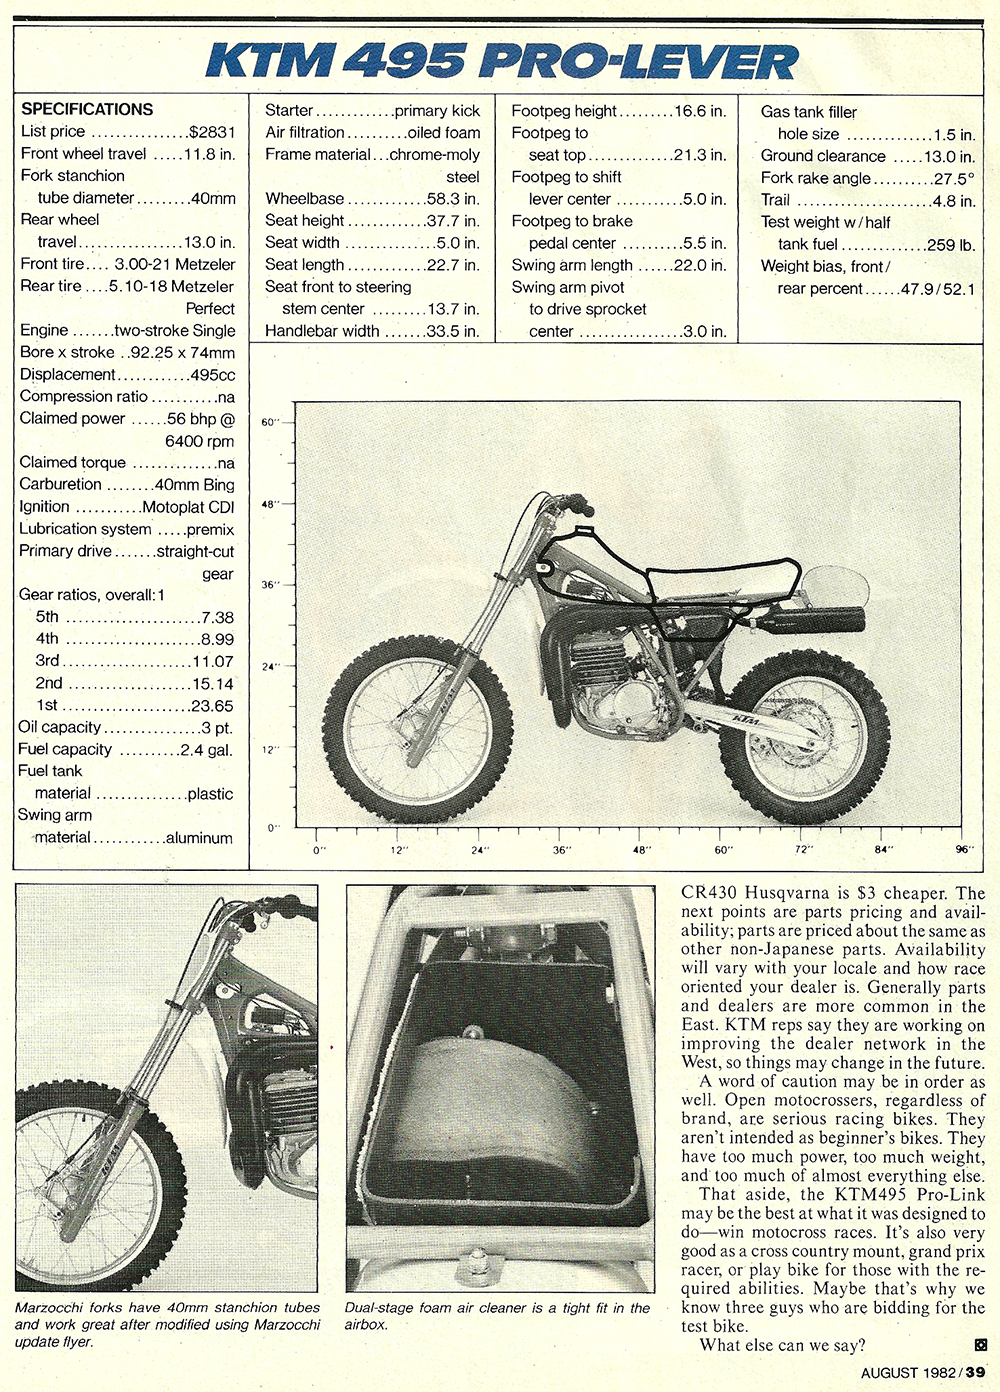 1982 KTM 495 Pro-Lever road test 06.jpg